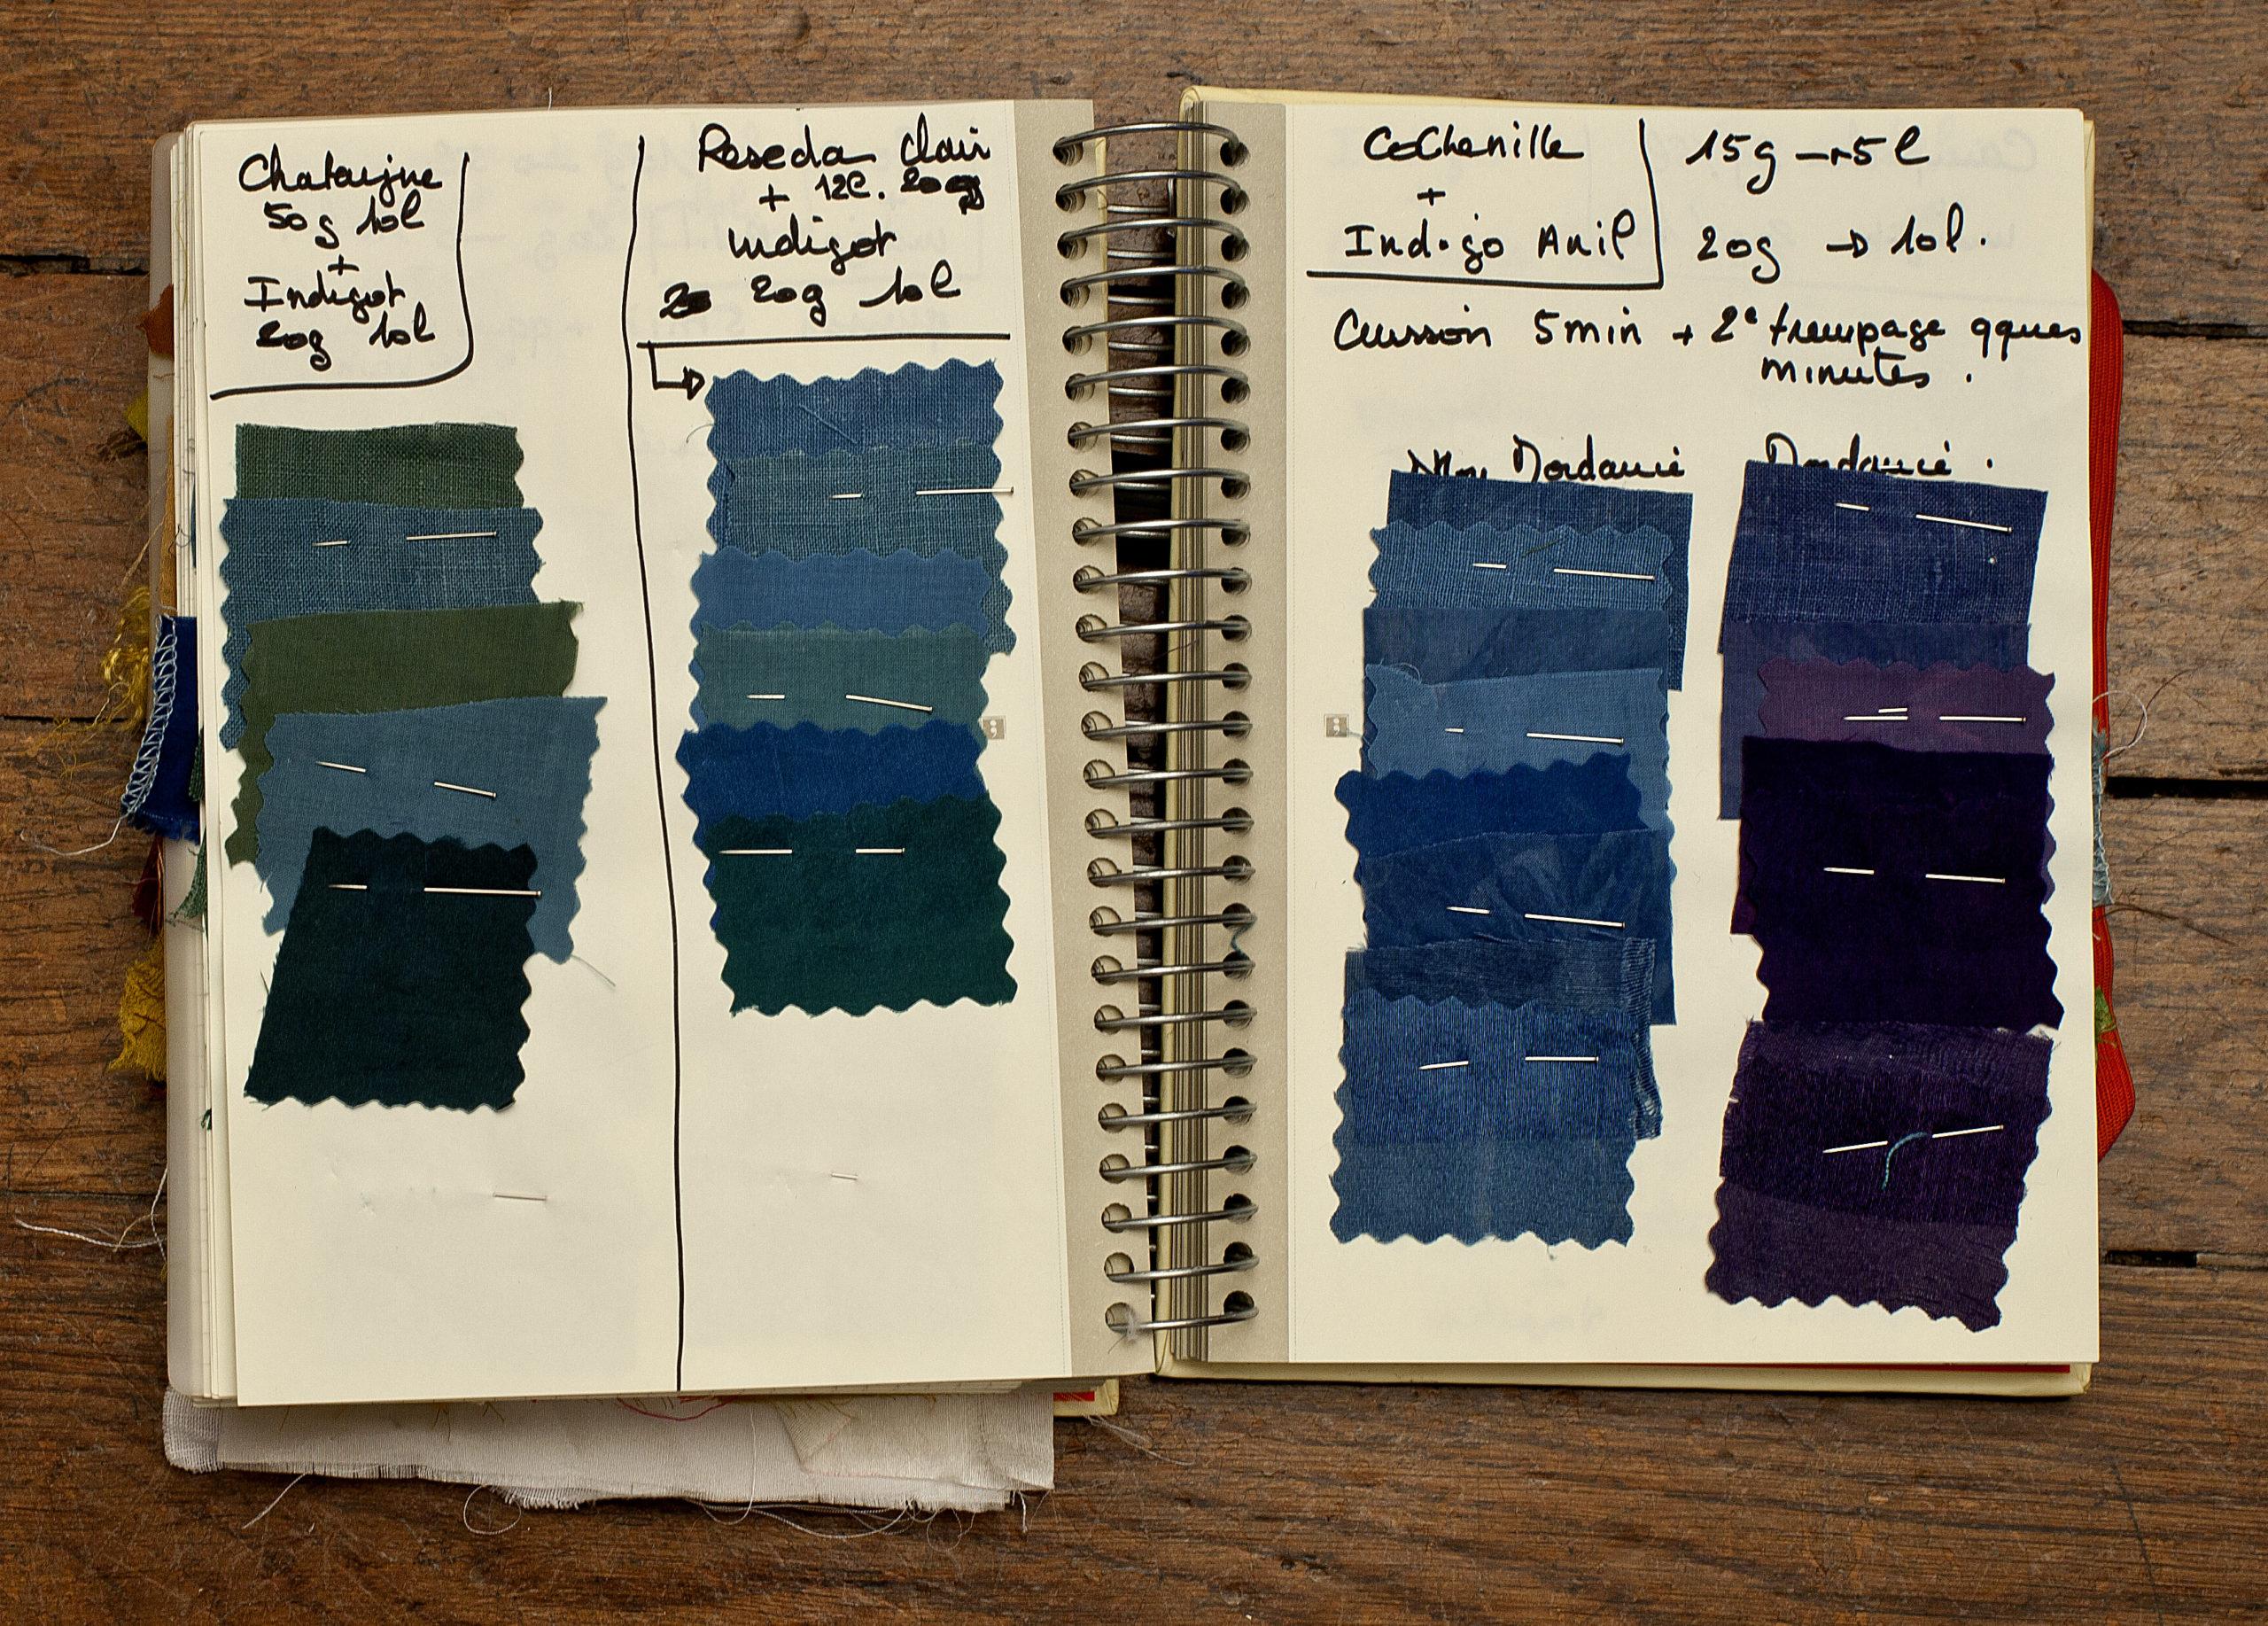 Recherches sur l'indigo et ses mélanges, cahier d'études chromatiques de Christelle Morin, Opéra Comique, 2014. Photographie Nicolas Hoffmann